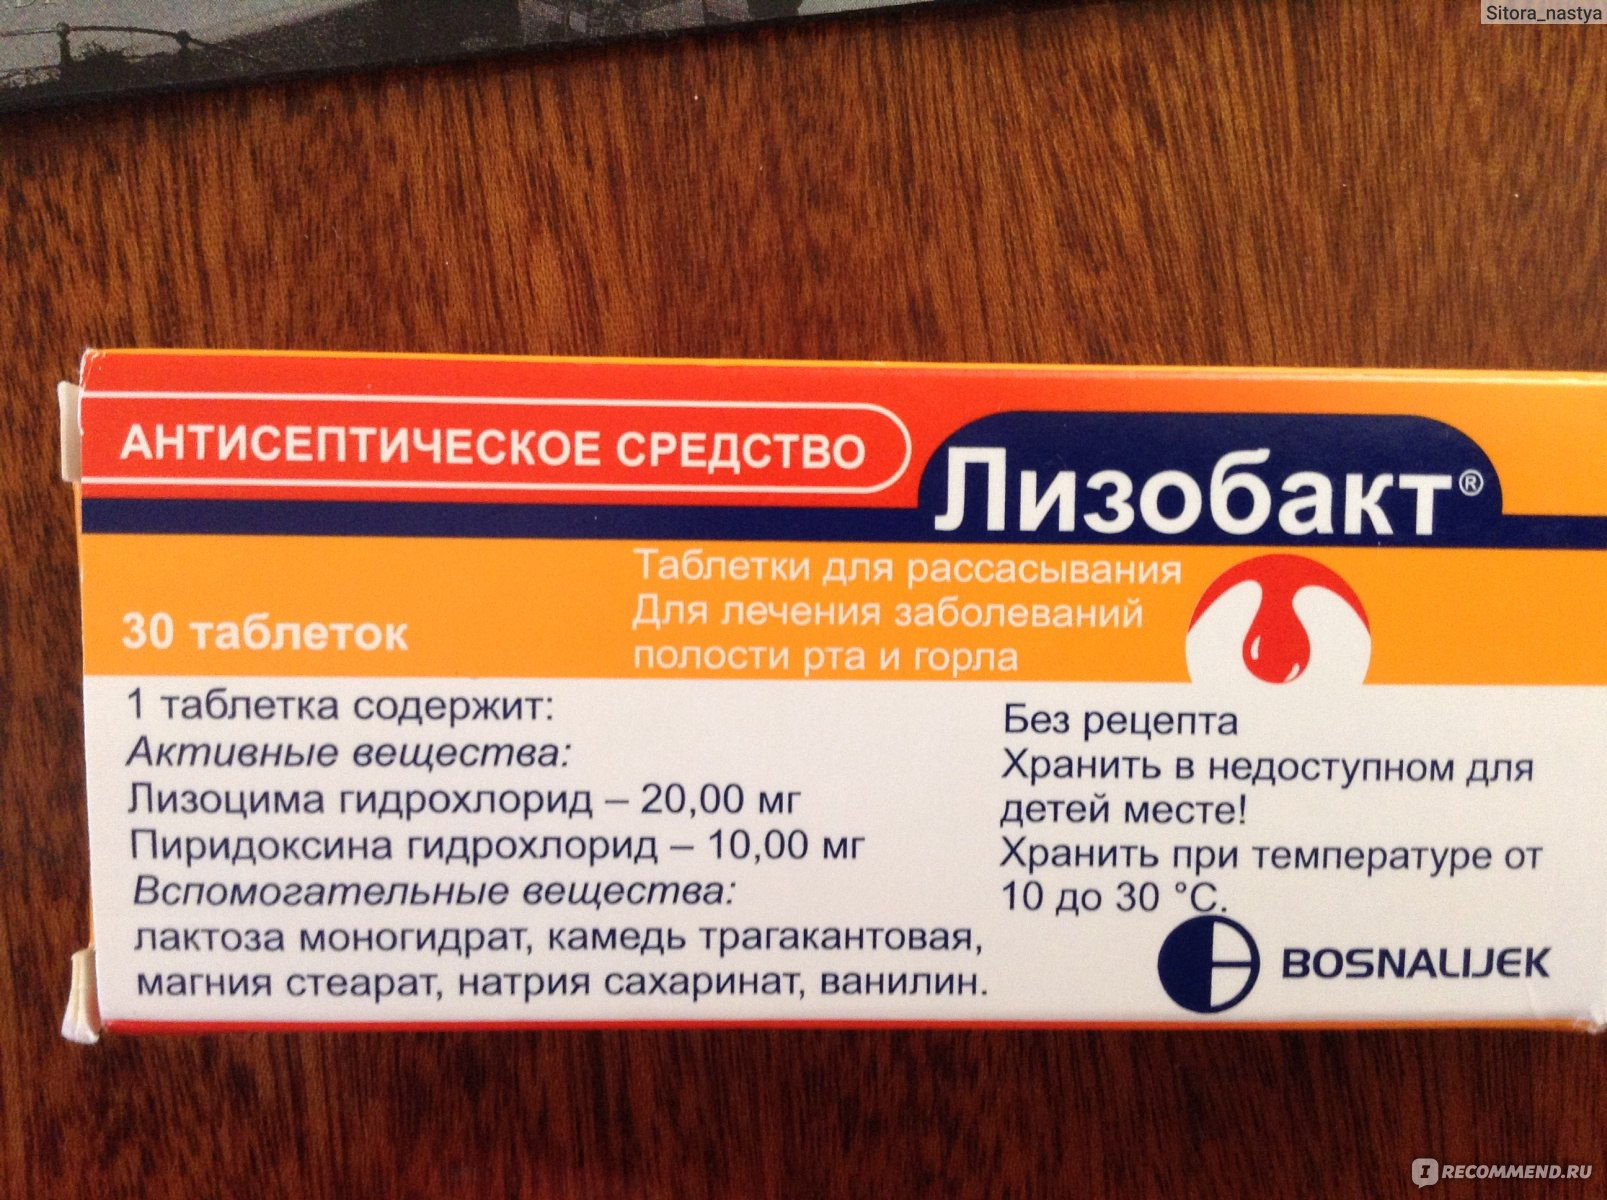 Лизобакт беременным 1 триместр как принимать 124